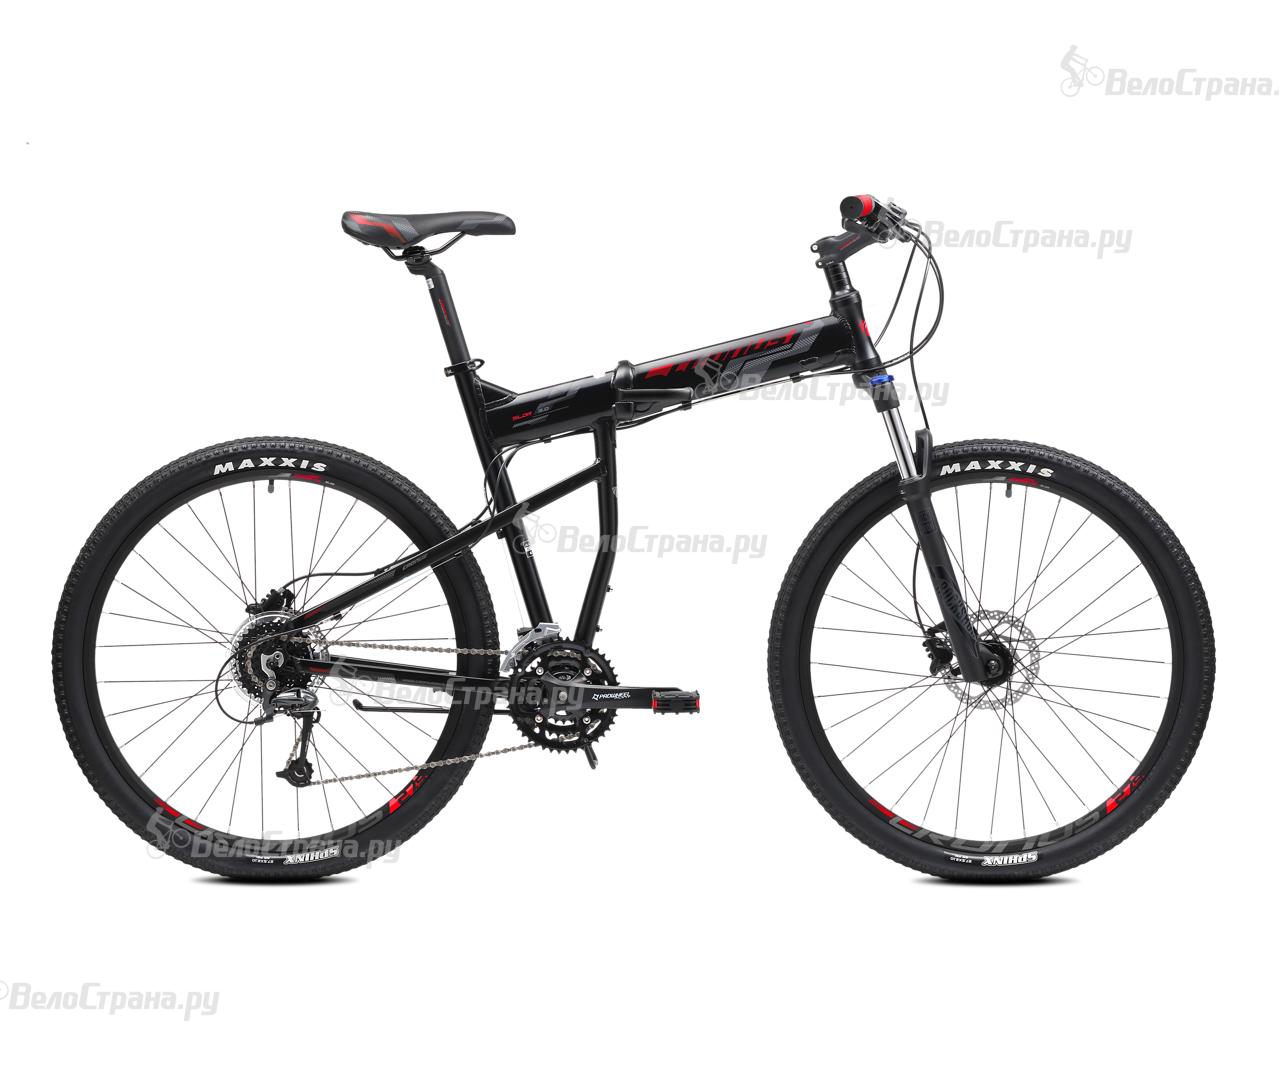 Велосипед Cronus Soldier 3.0 27.5 (2018) велосипед cronus soldier 1 5 2014